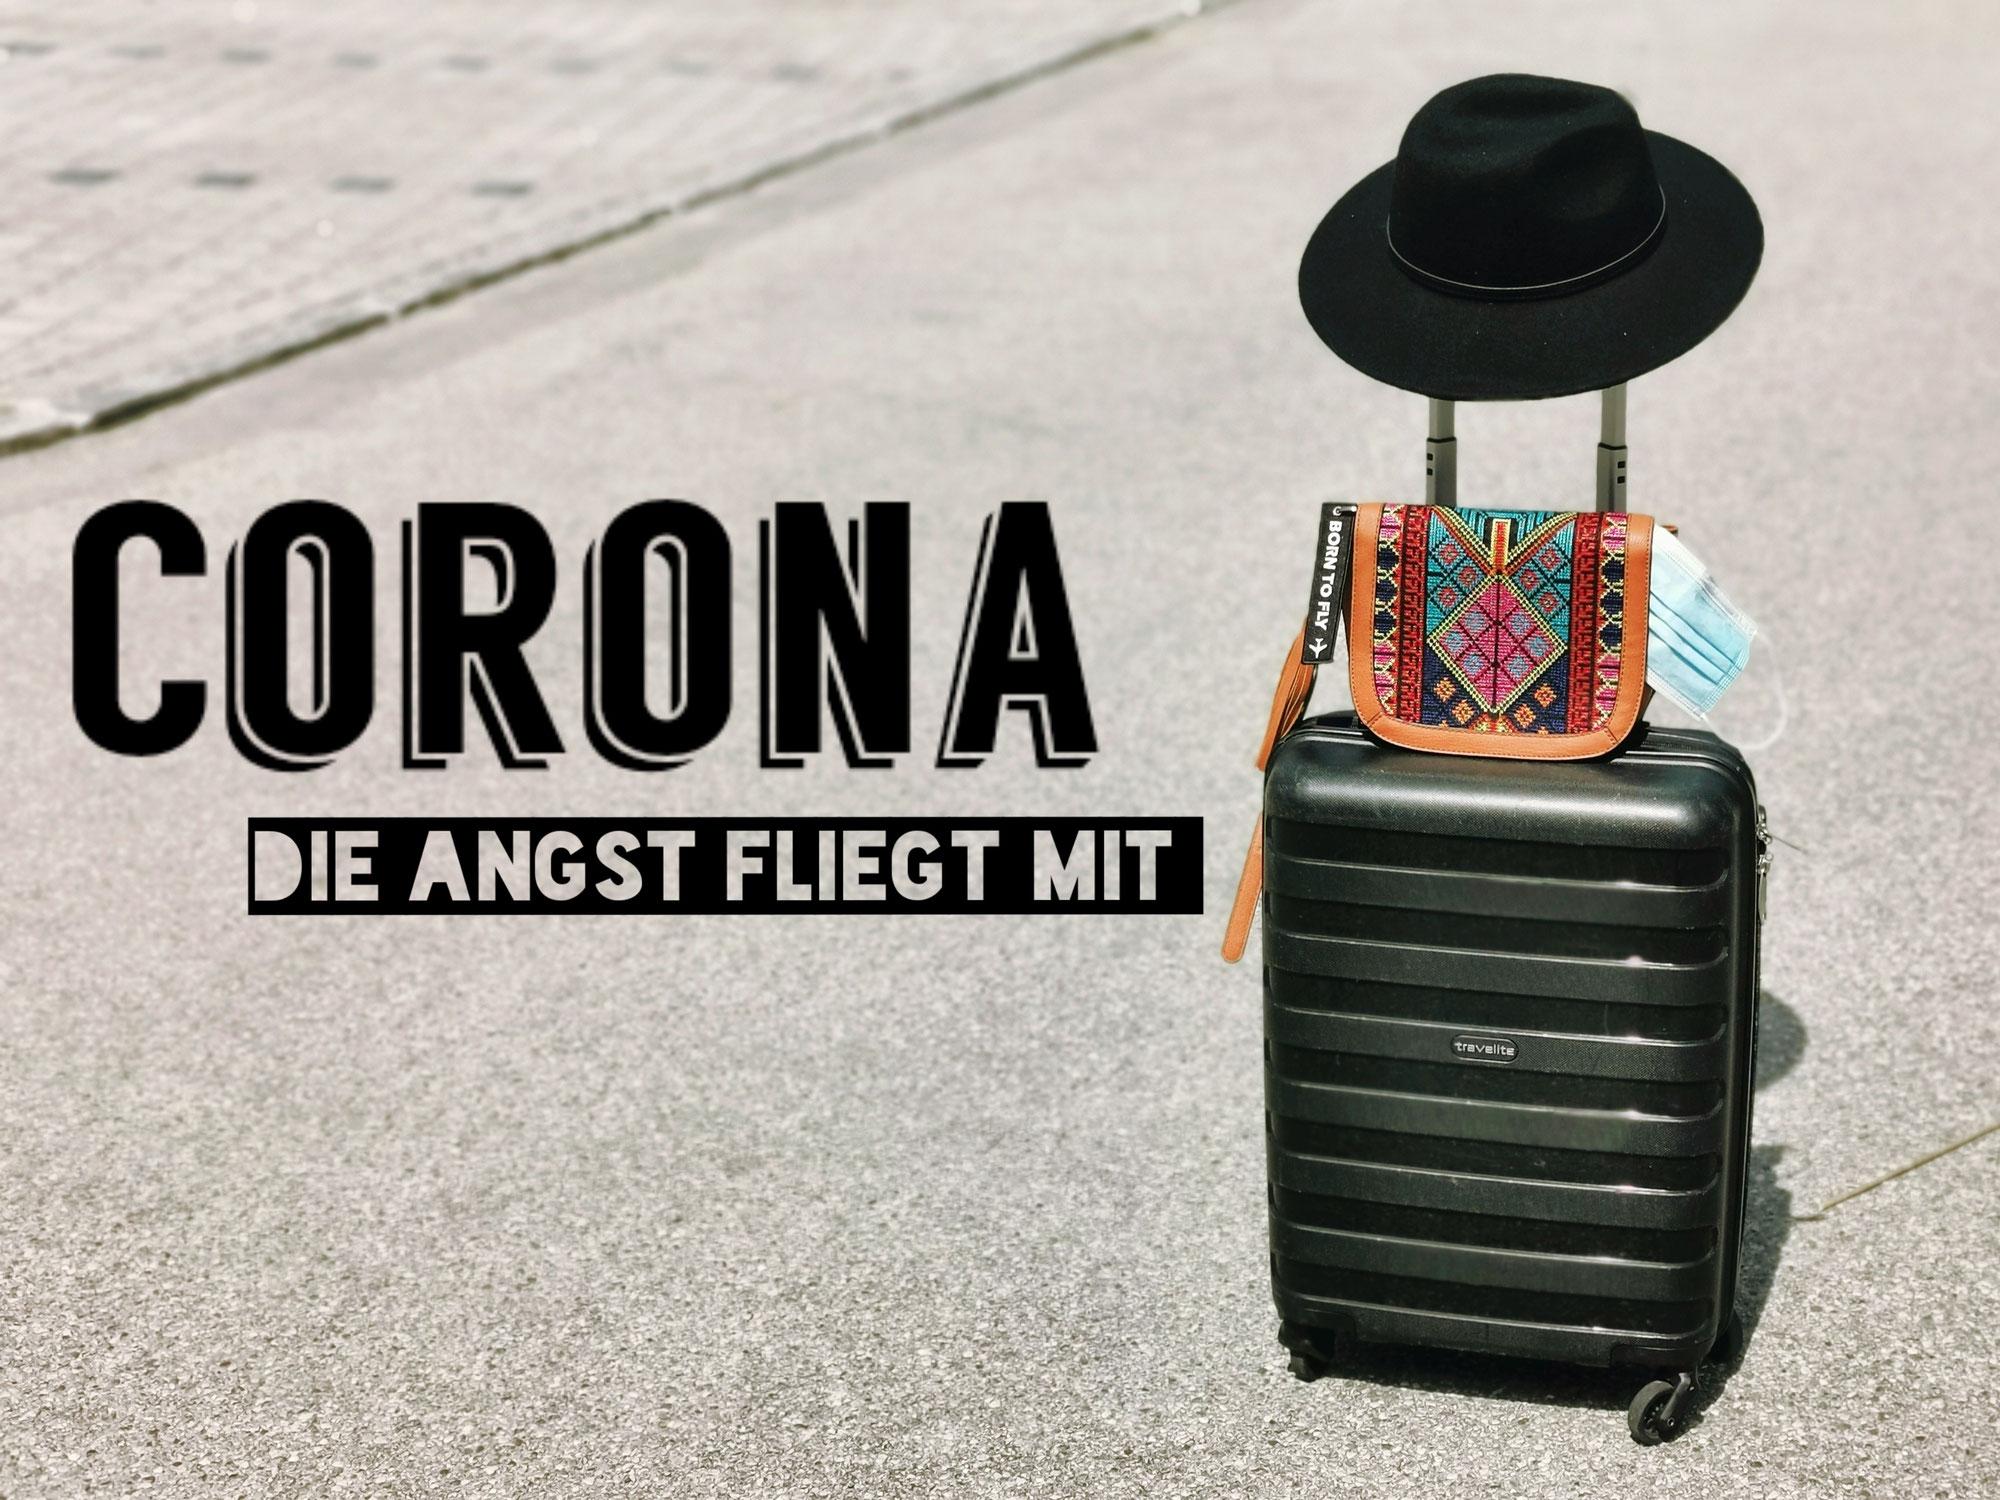 Fliegen während Corona? Eine Flugbegleiterin packt aus!